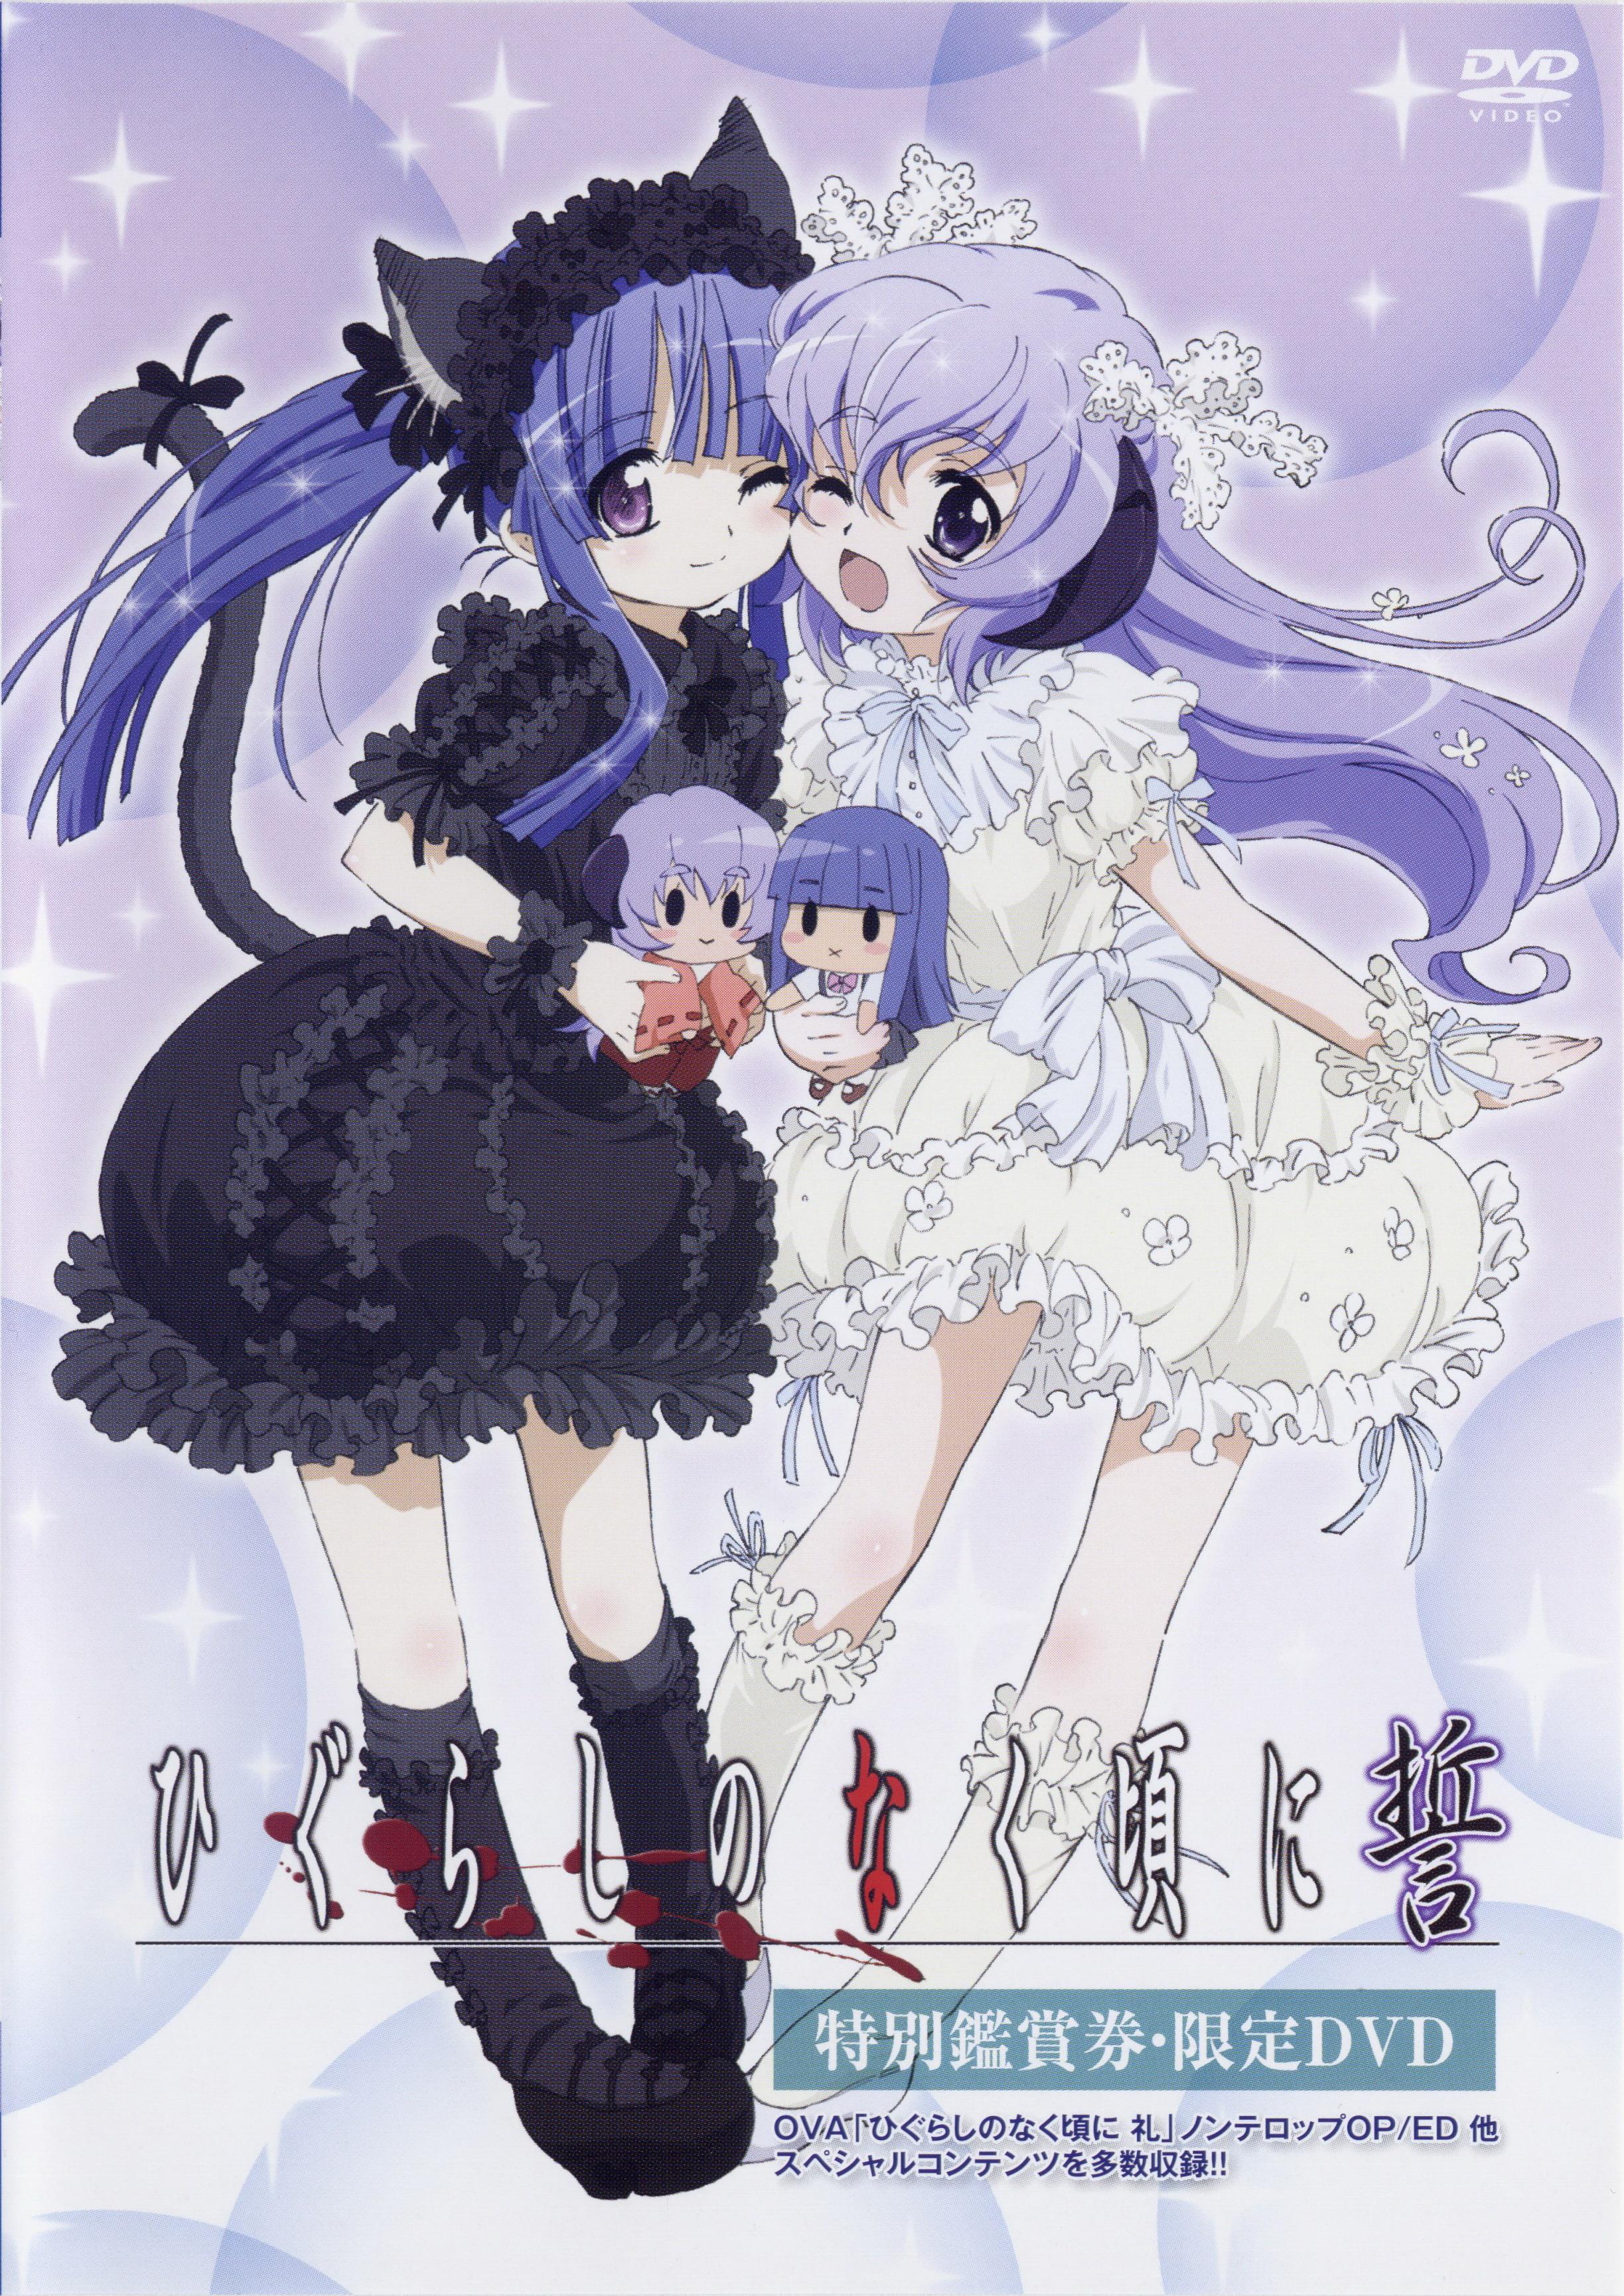 Higurashi No Naku Koro Ni When They Cry Mobile Wallpaper 621637 Zerochan Anime Image Board